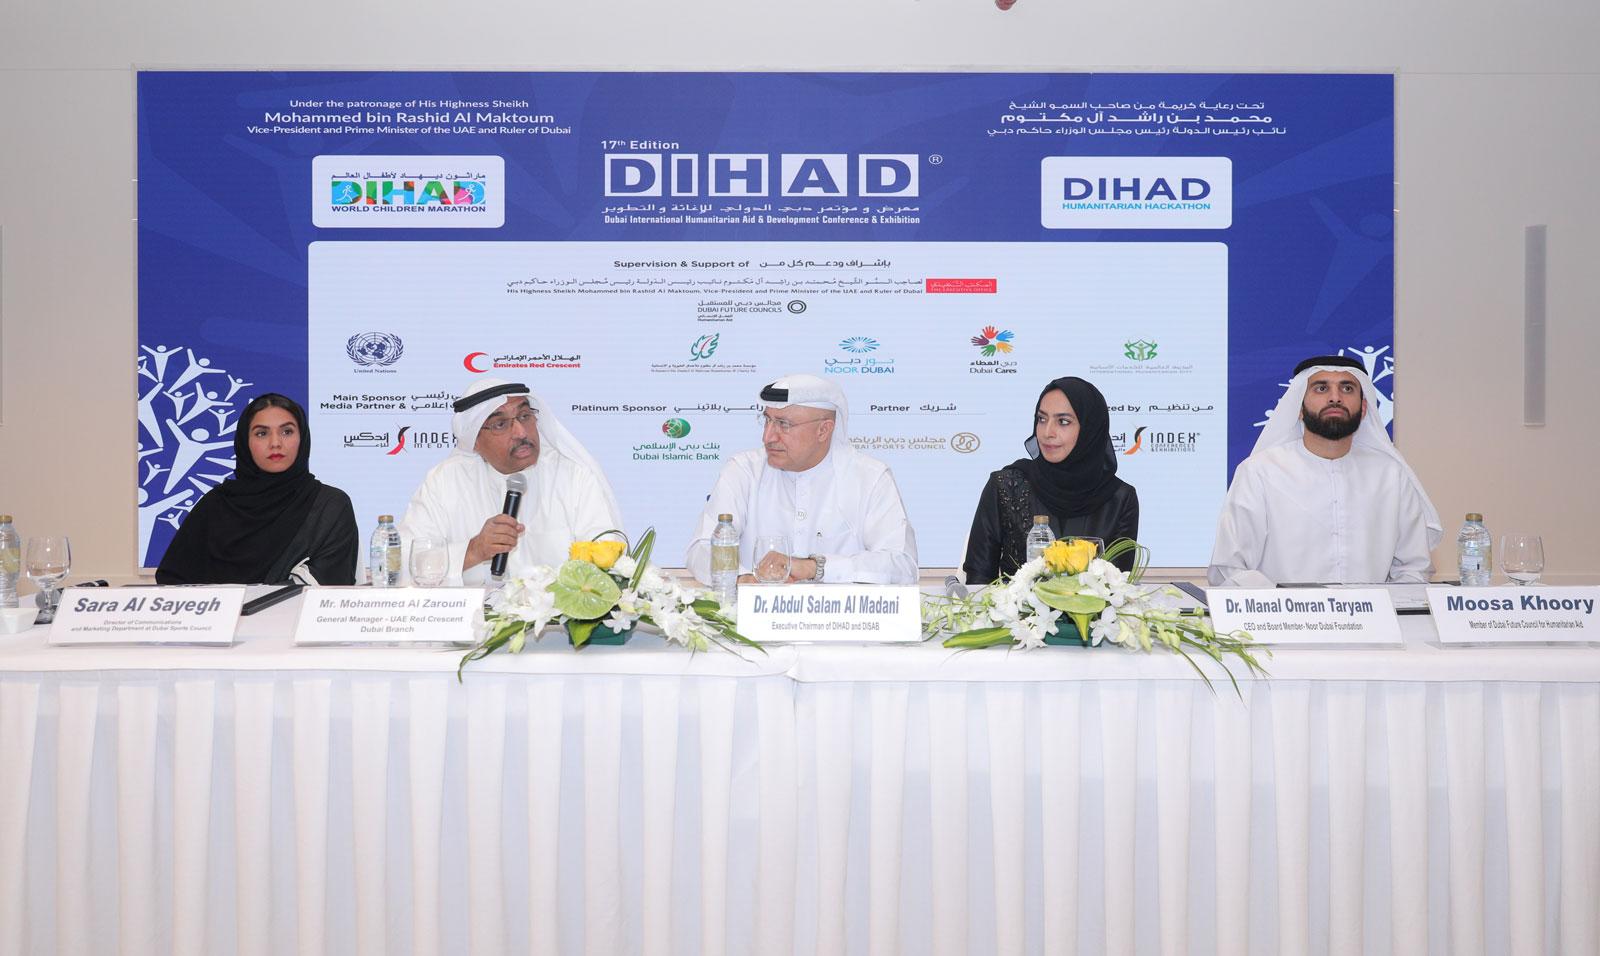 """الإعلان عن برنامج فعاليات اسبوع العمل الإنساني لـ """" ديهاد 2020 """""""